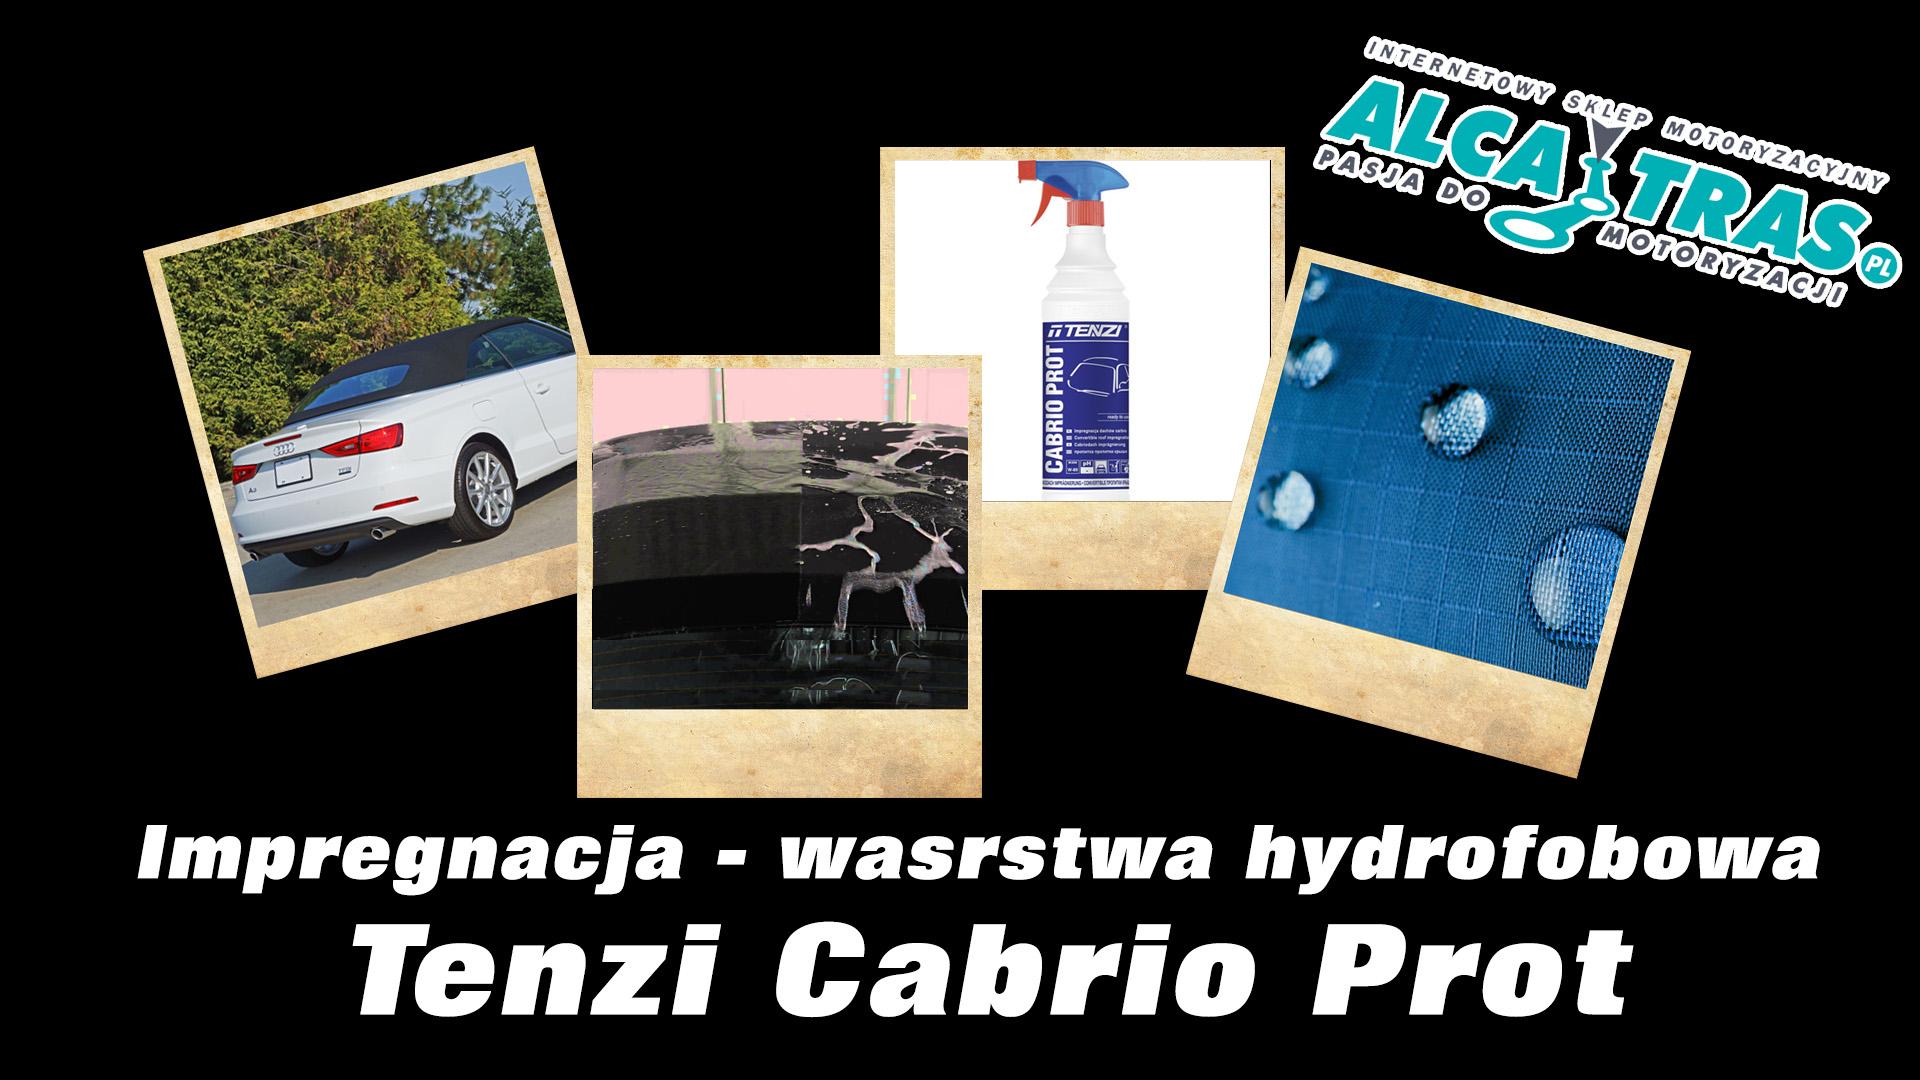 TENZI CABRIO PROT